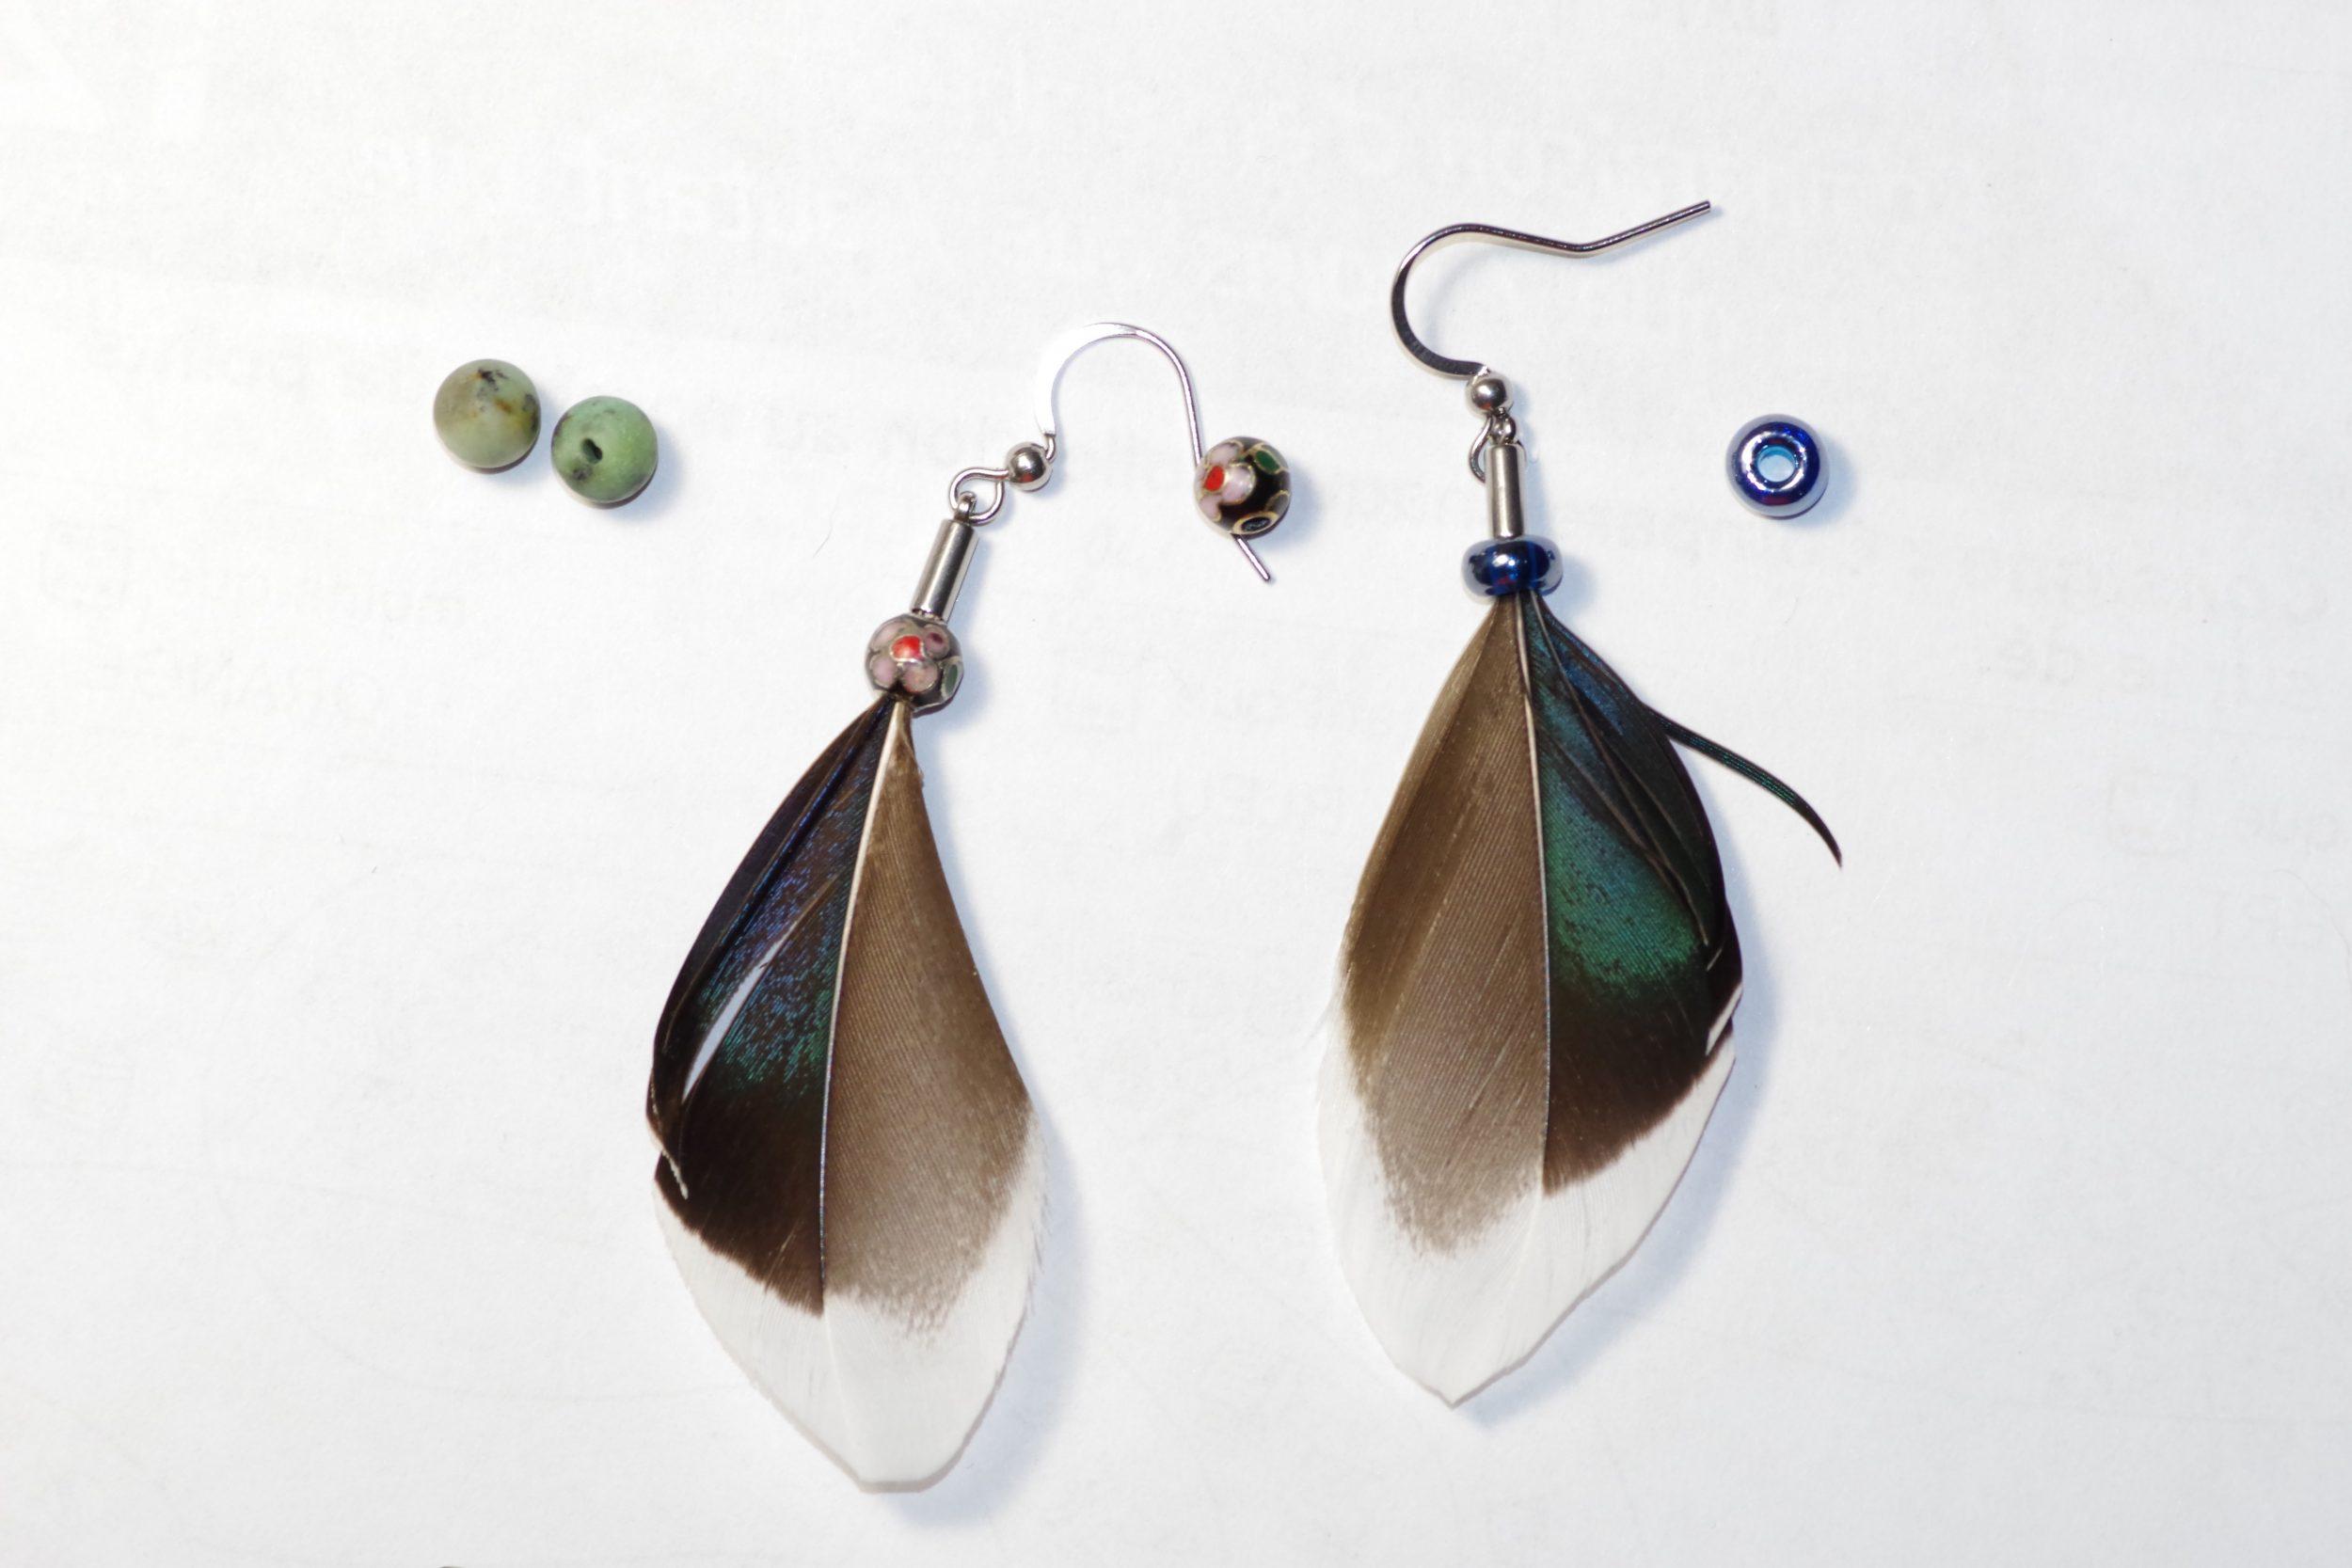 boucles d'oreilles en plumes de canard colvert à reflets irisés et petite perle de verre assortie